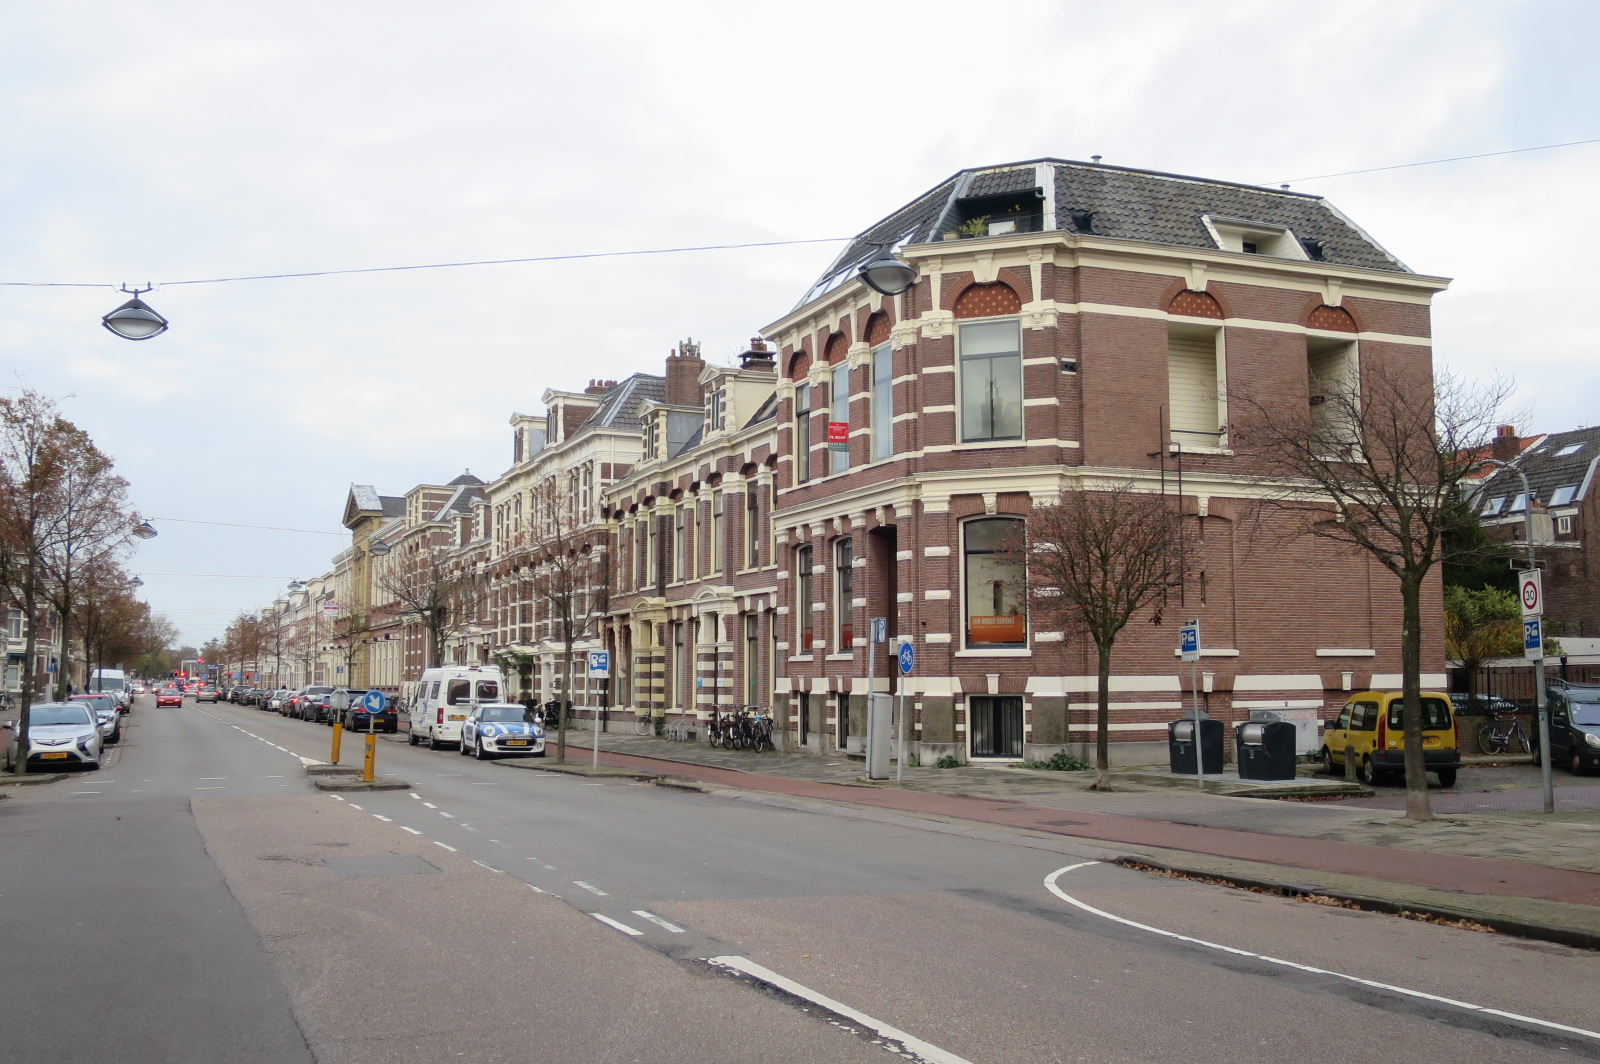 Wilhelminastraat, Haarlem